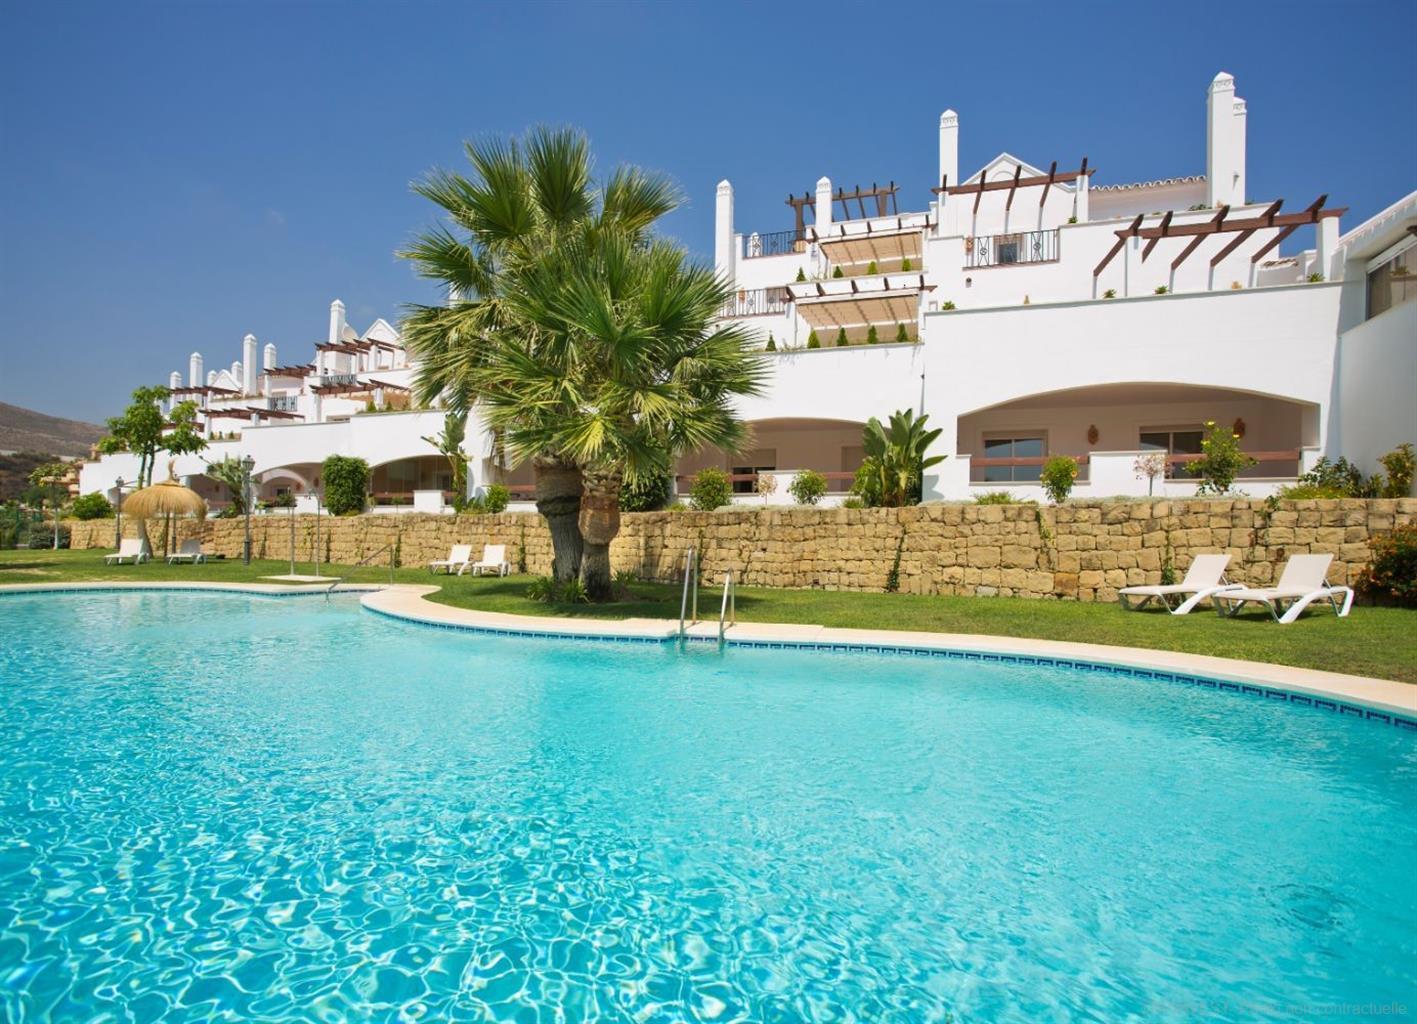 Nouvelle résidence de 49 appartements avec deux piscines communes, aire de jeux pour enfants, située dans une zone exclusive et privilégiée de la Costa del Sol : Puerto Banus.